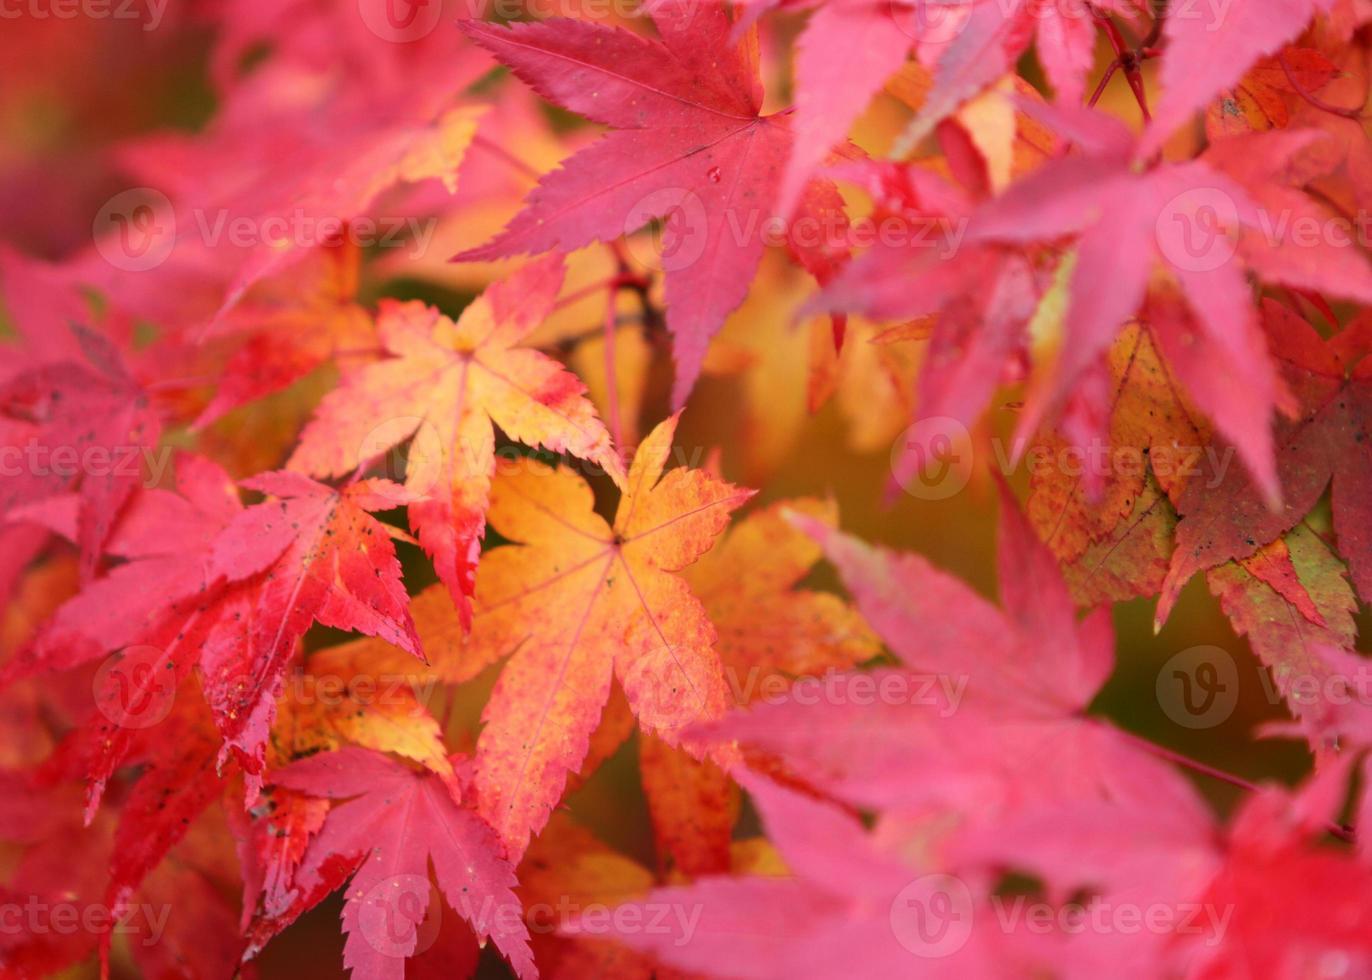 gul och röd lönnledighet firar hösten foto